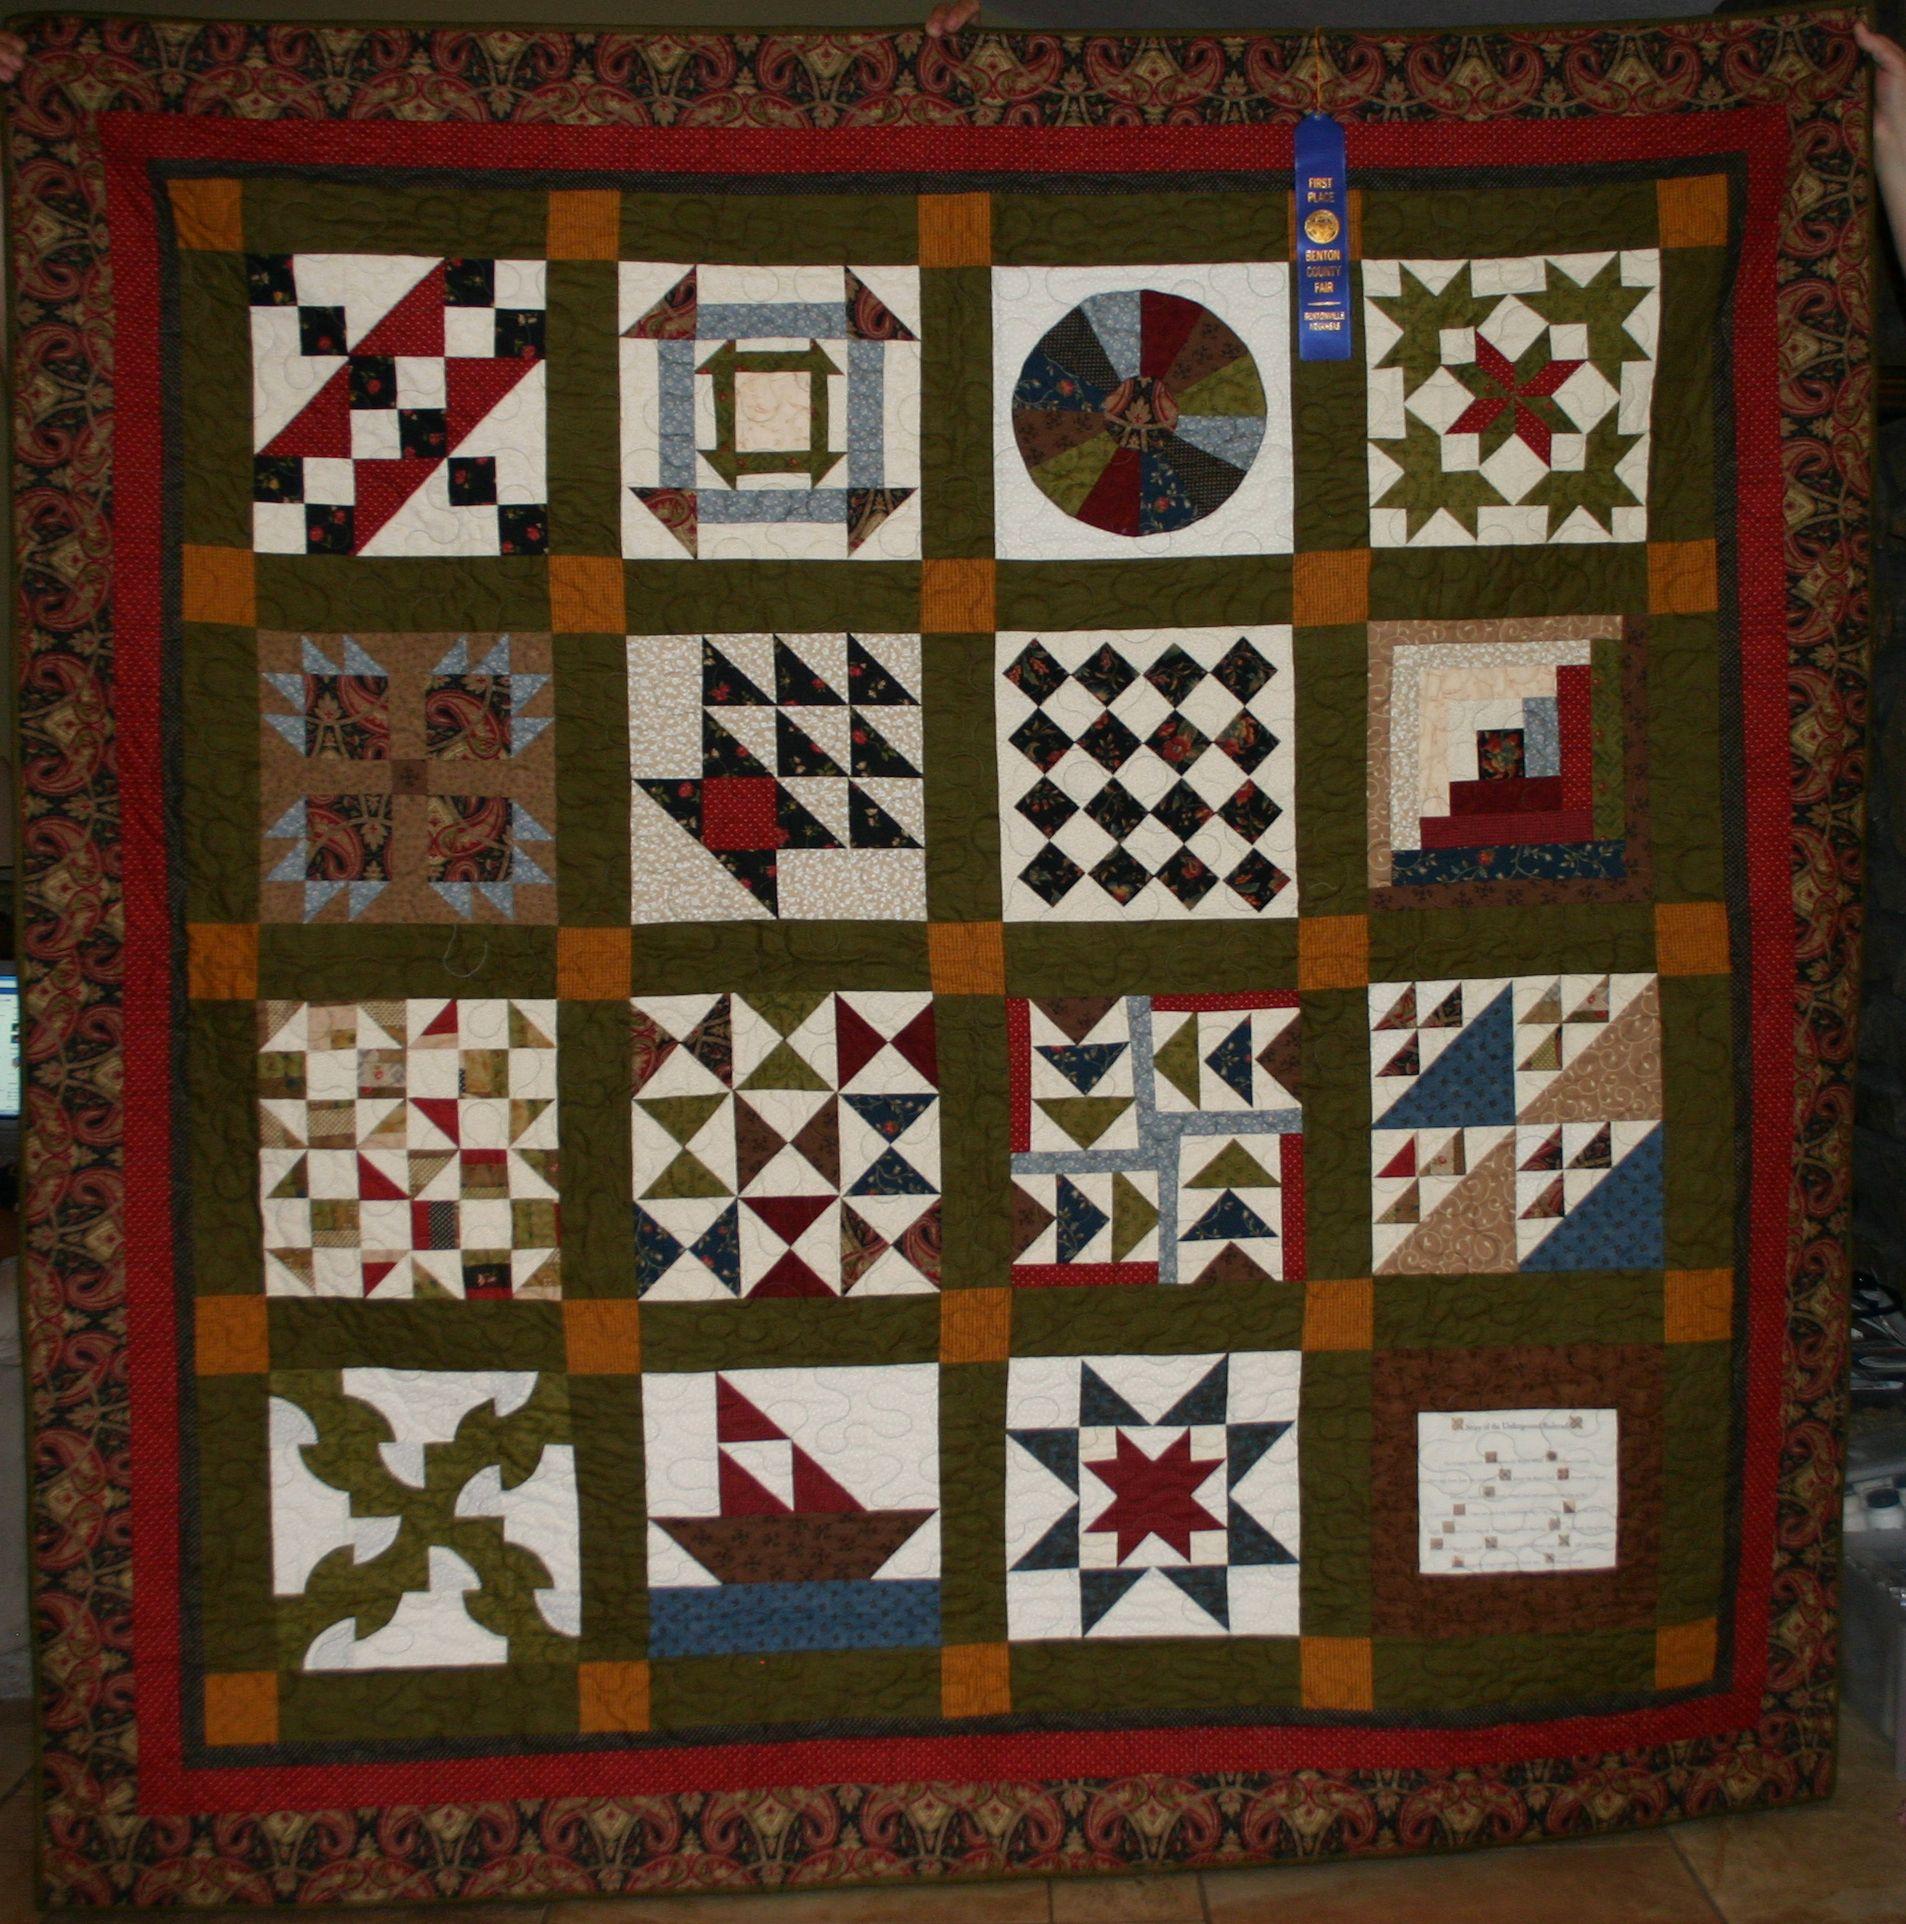 Pin On Stuff I Want To Make